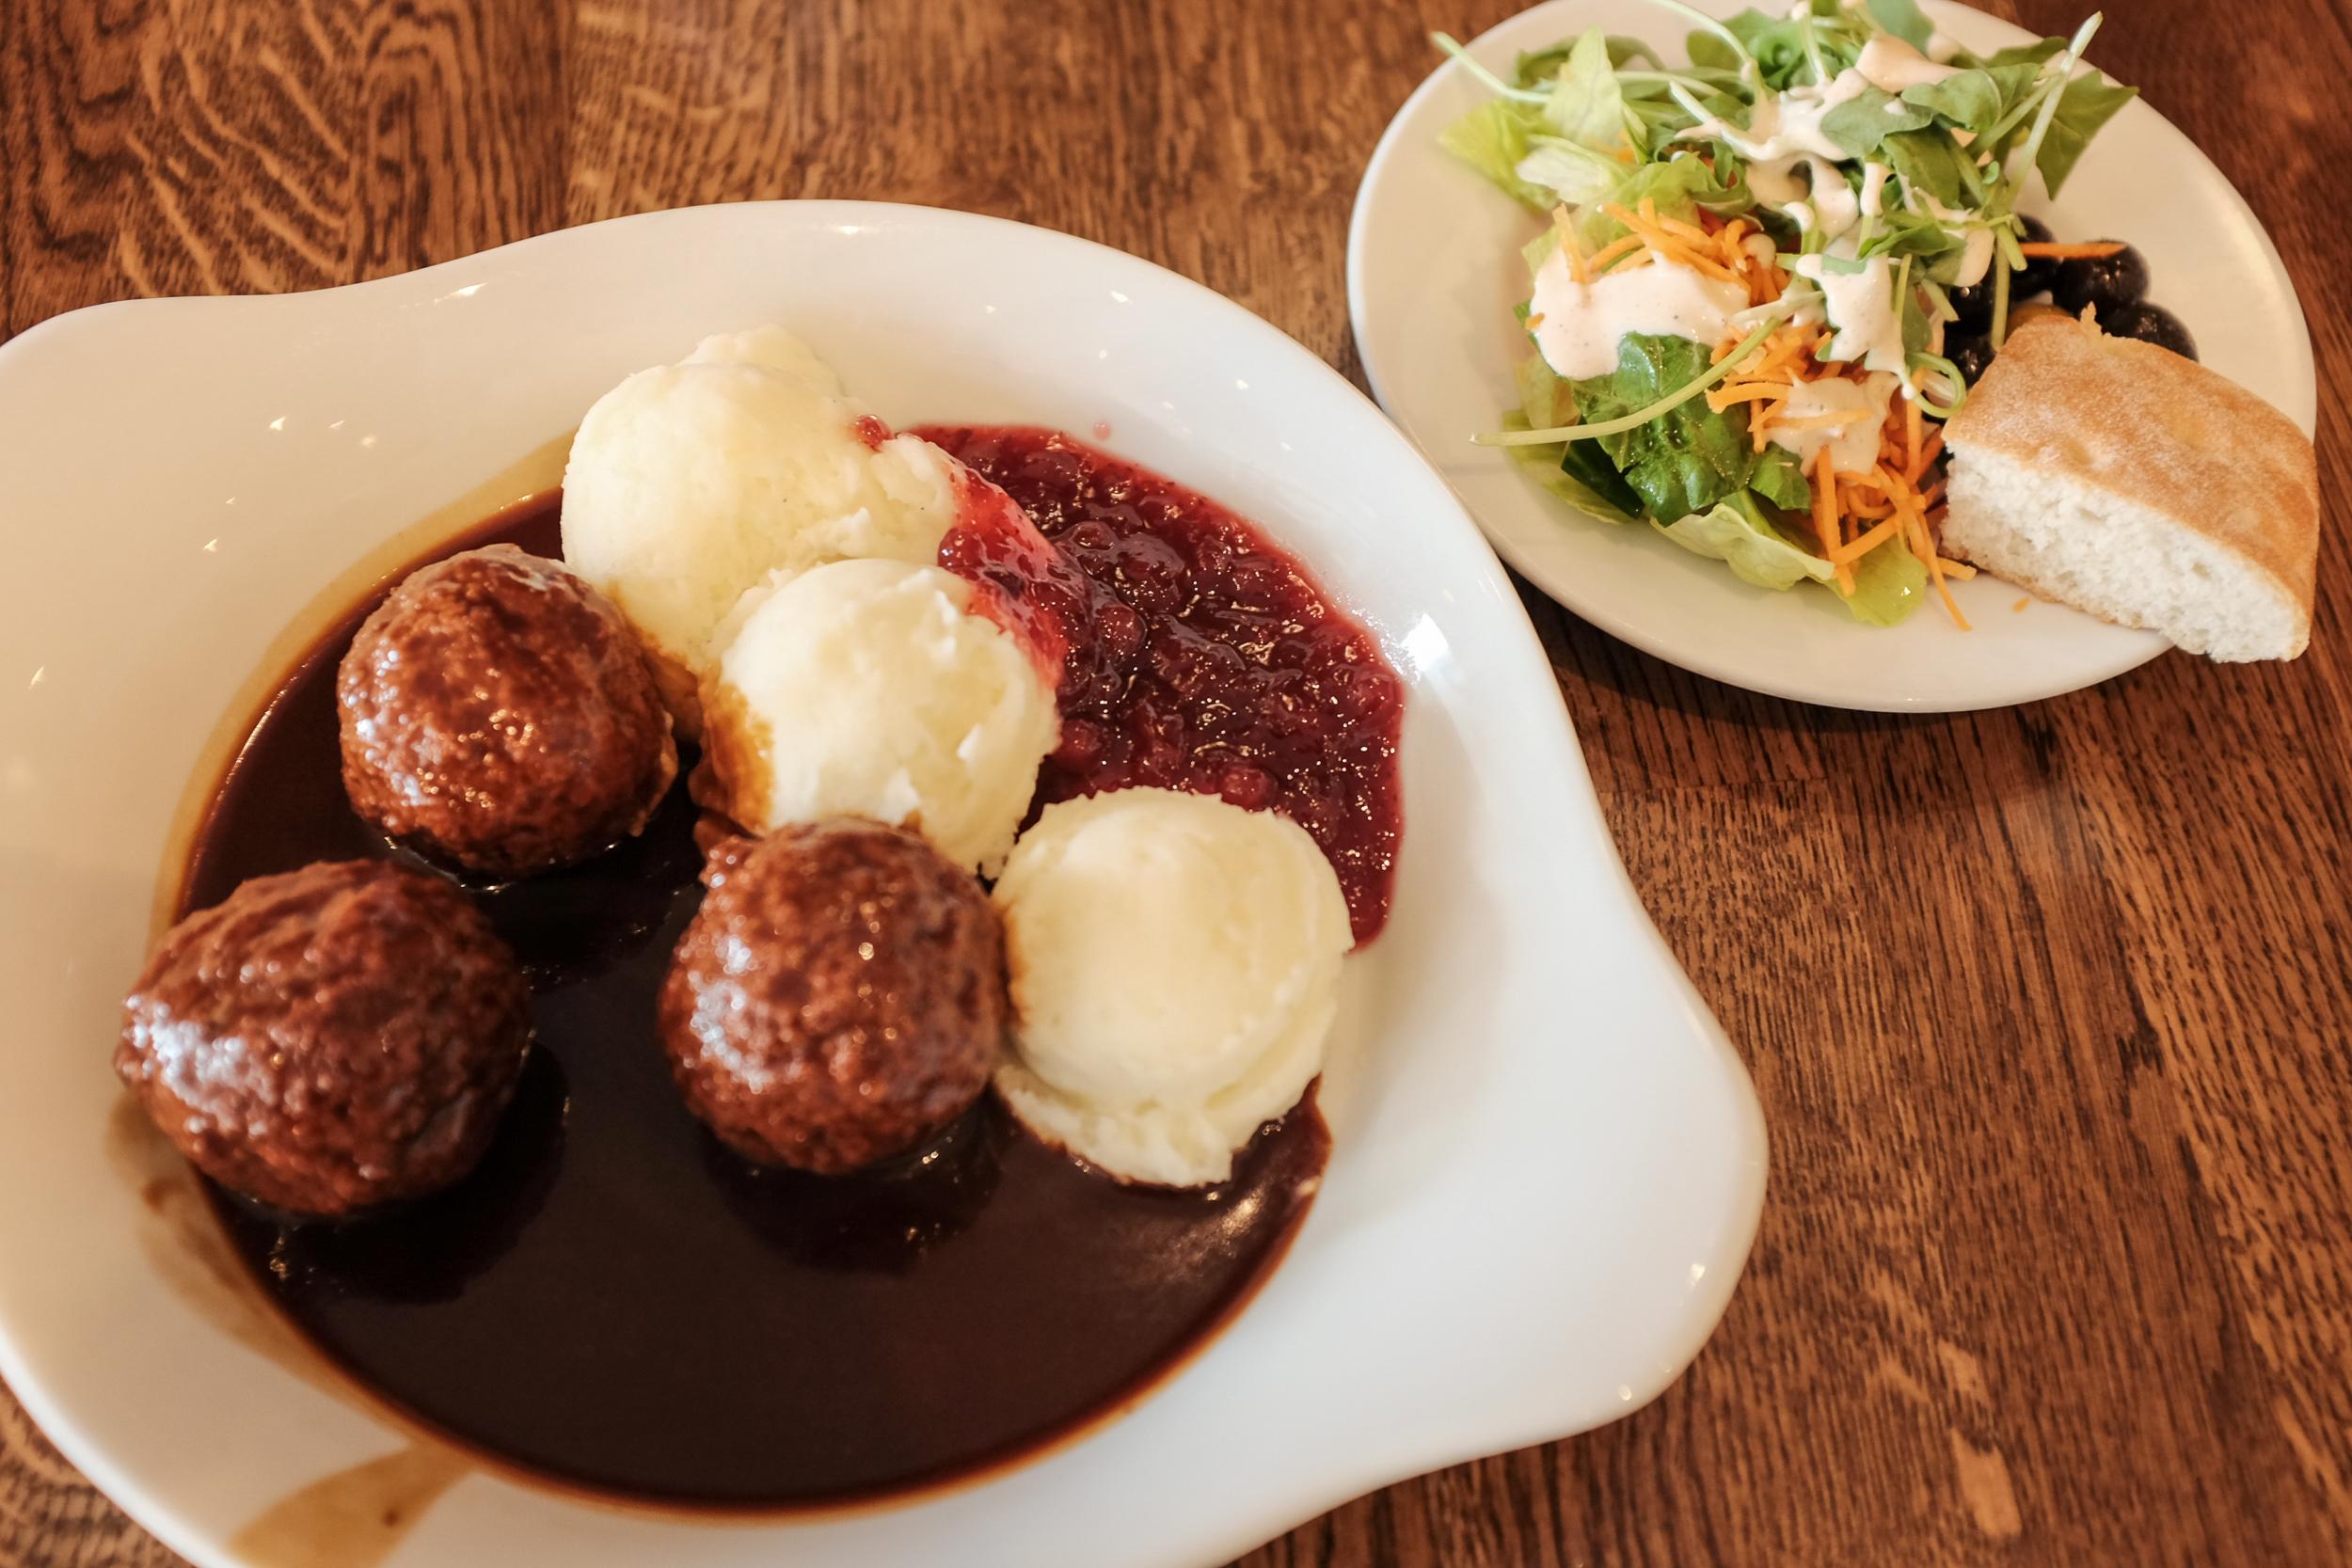 Source: Cafe du Nord .Cafe in Gothenburg, Sweden.